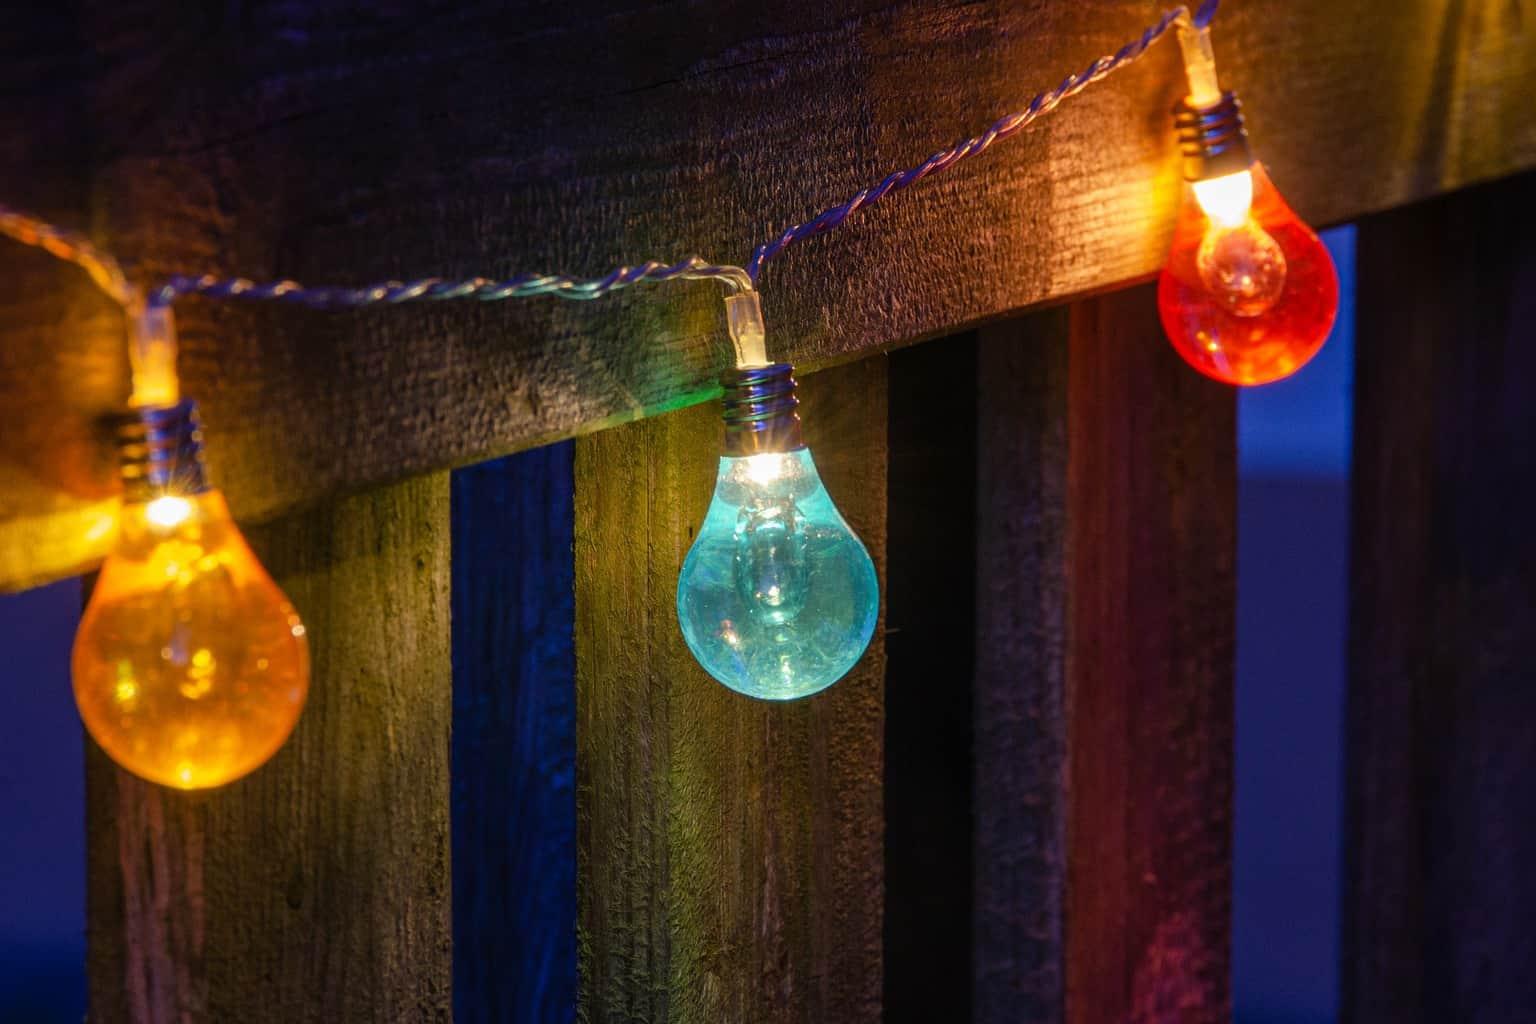 LED light bulbs with paint